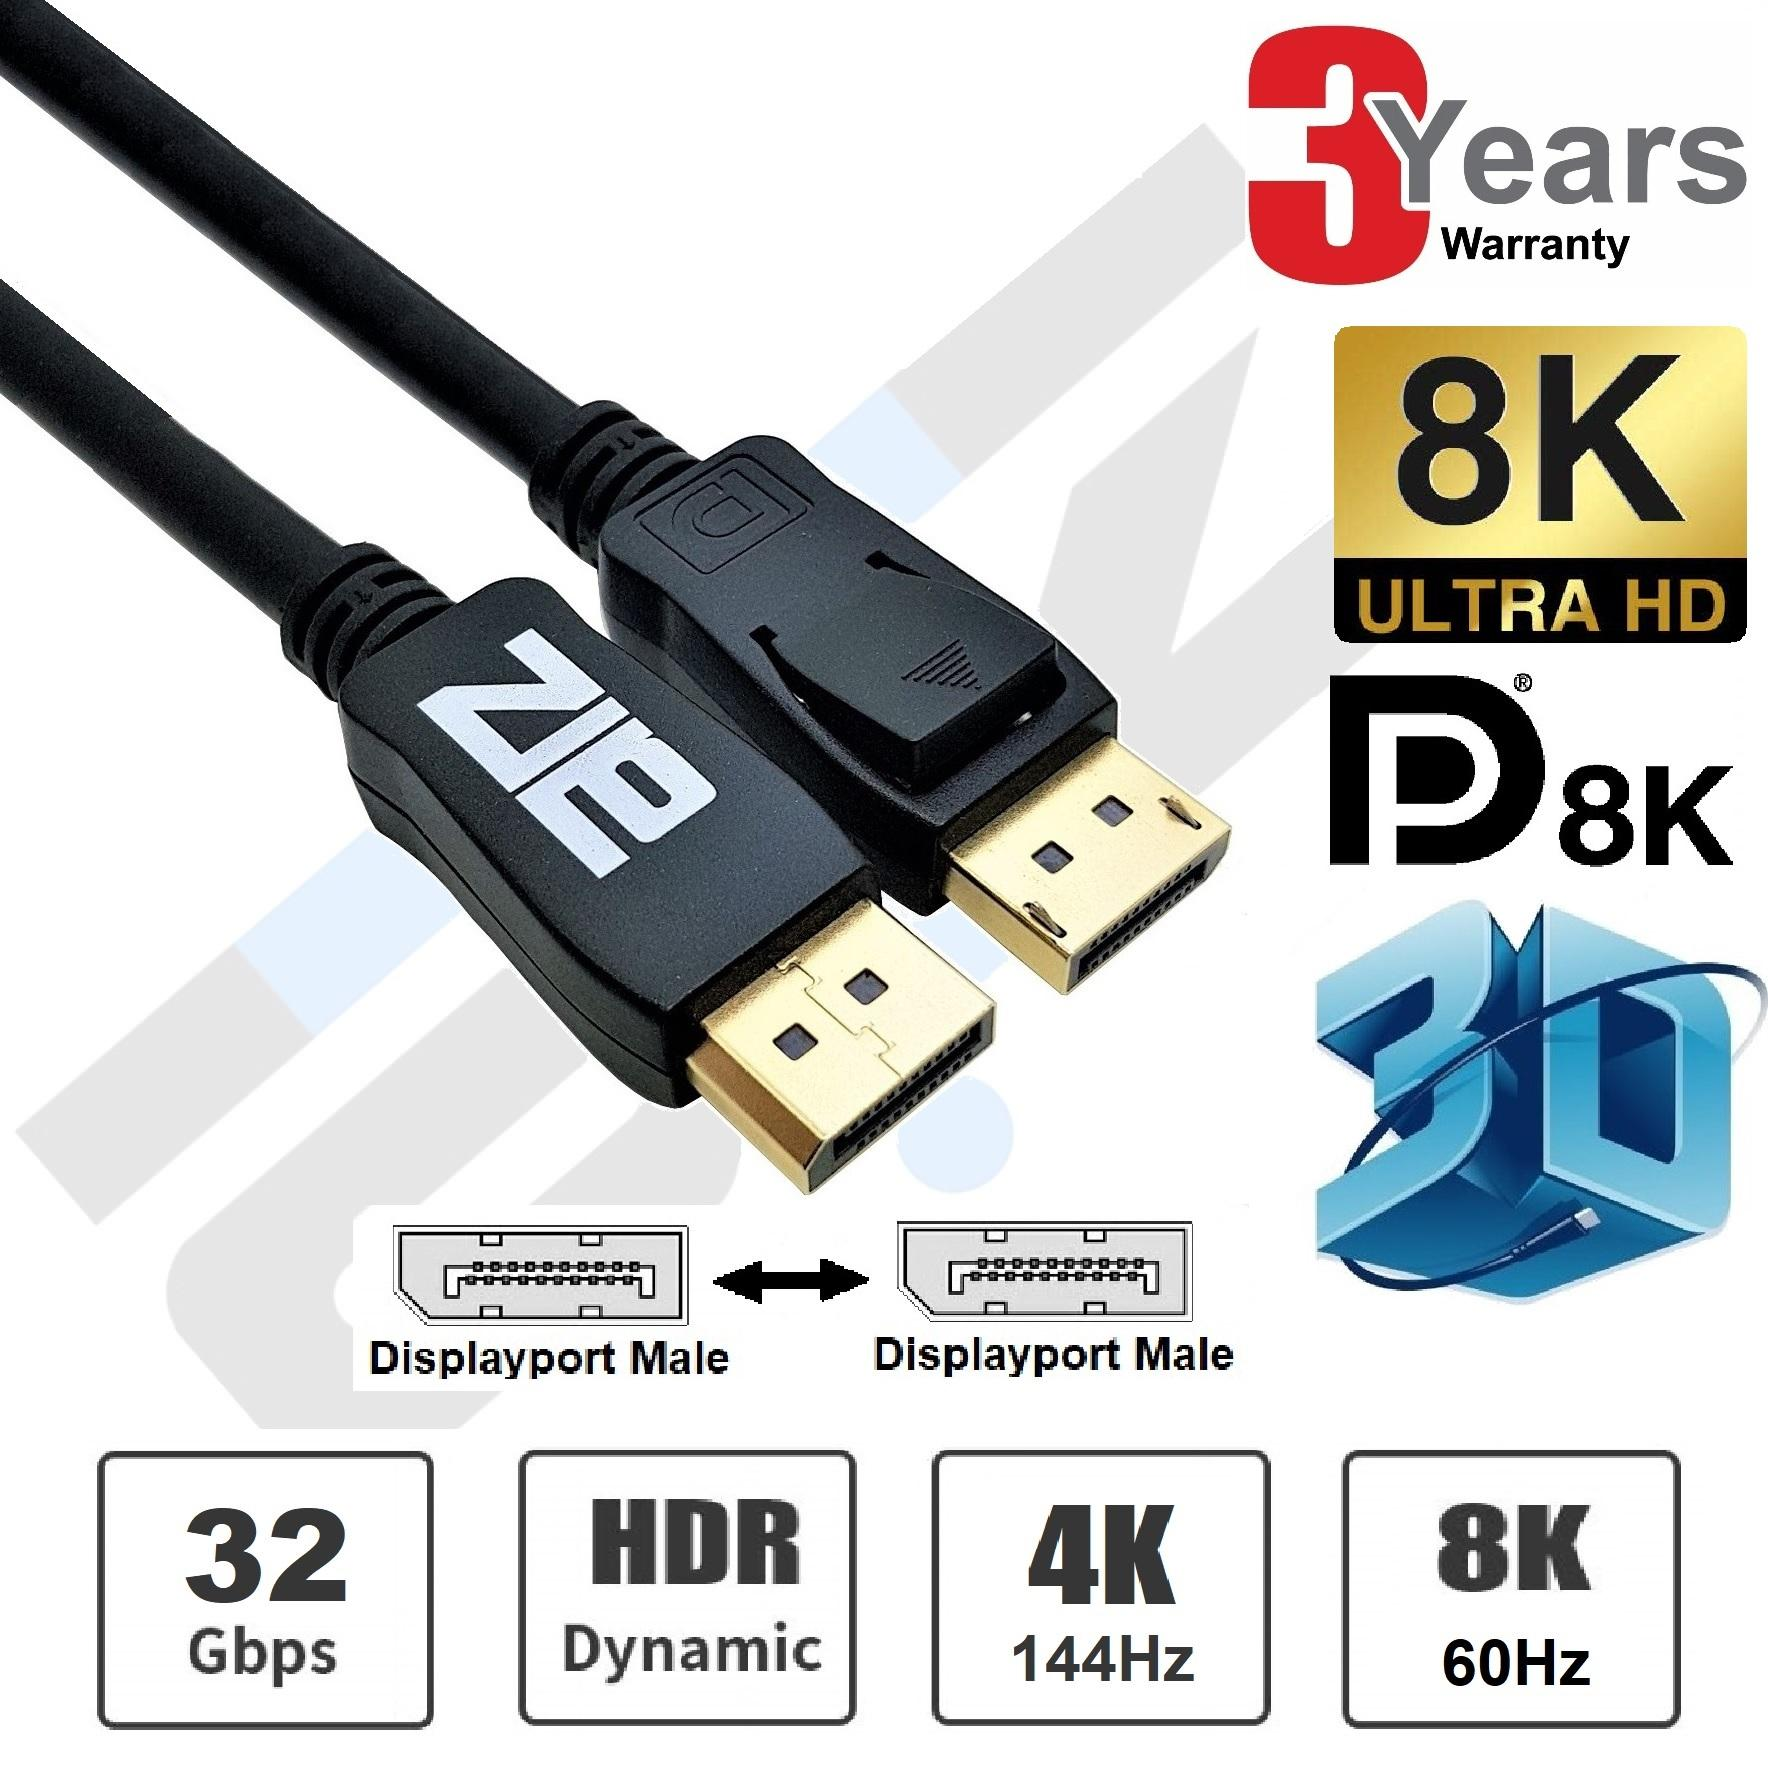 Displayport 1.4 cable 8K DisplayPort to DisplayPort cord 8K 60Hz HDR 1.8m 3M 5M